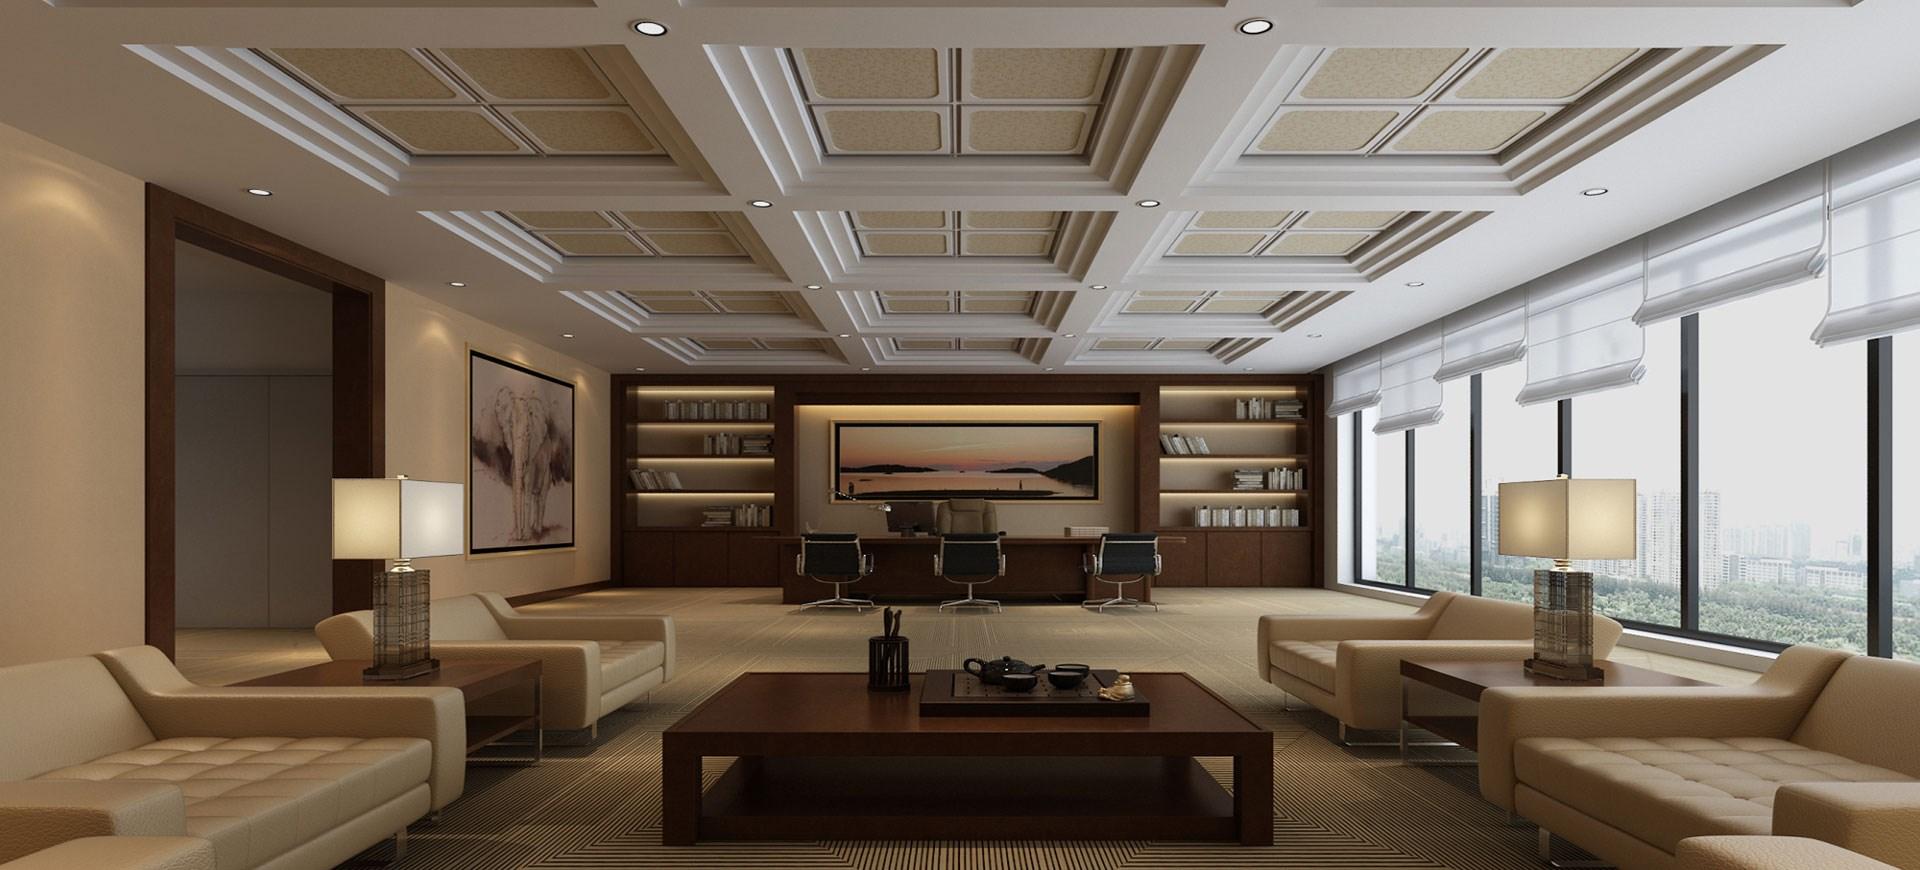 集成墙面装饰板中式风格办公室